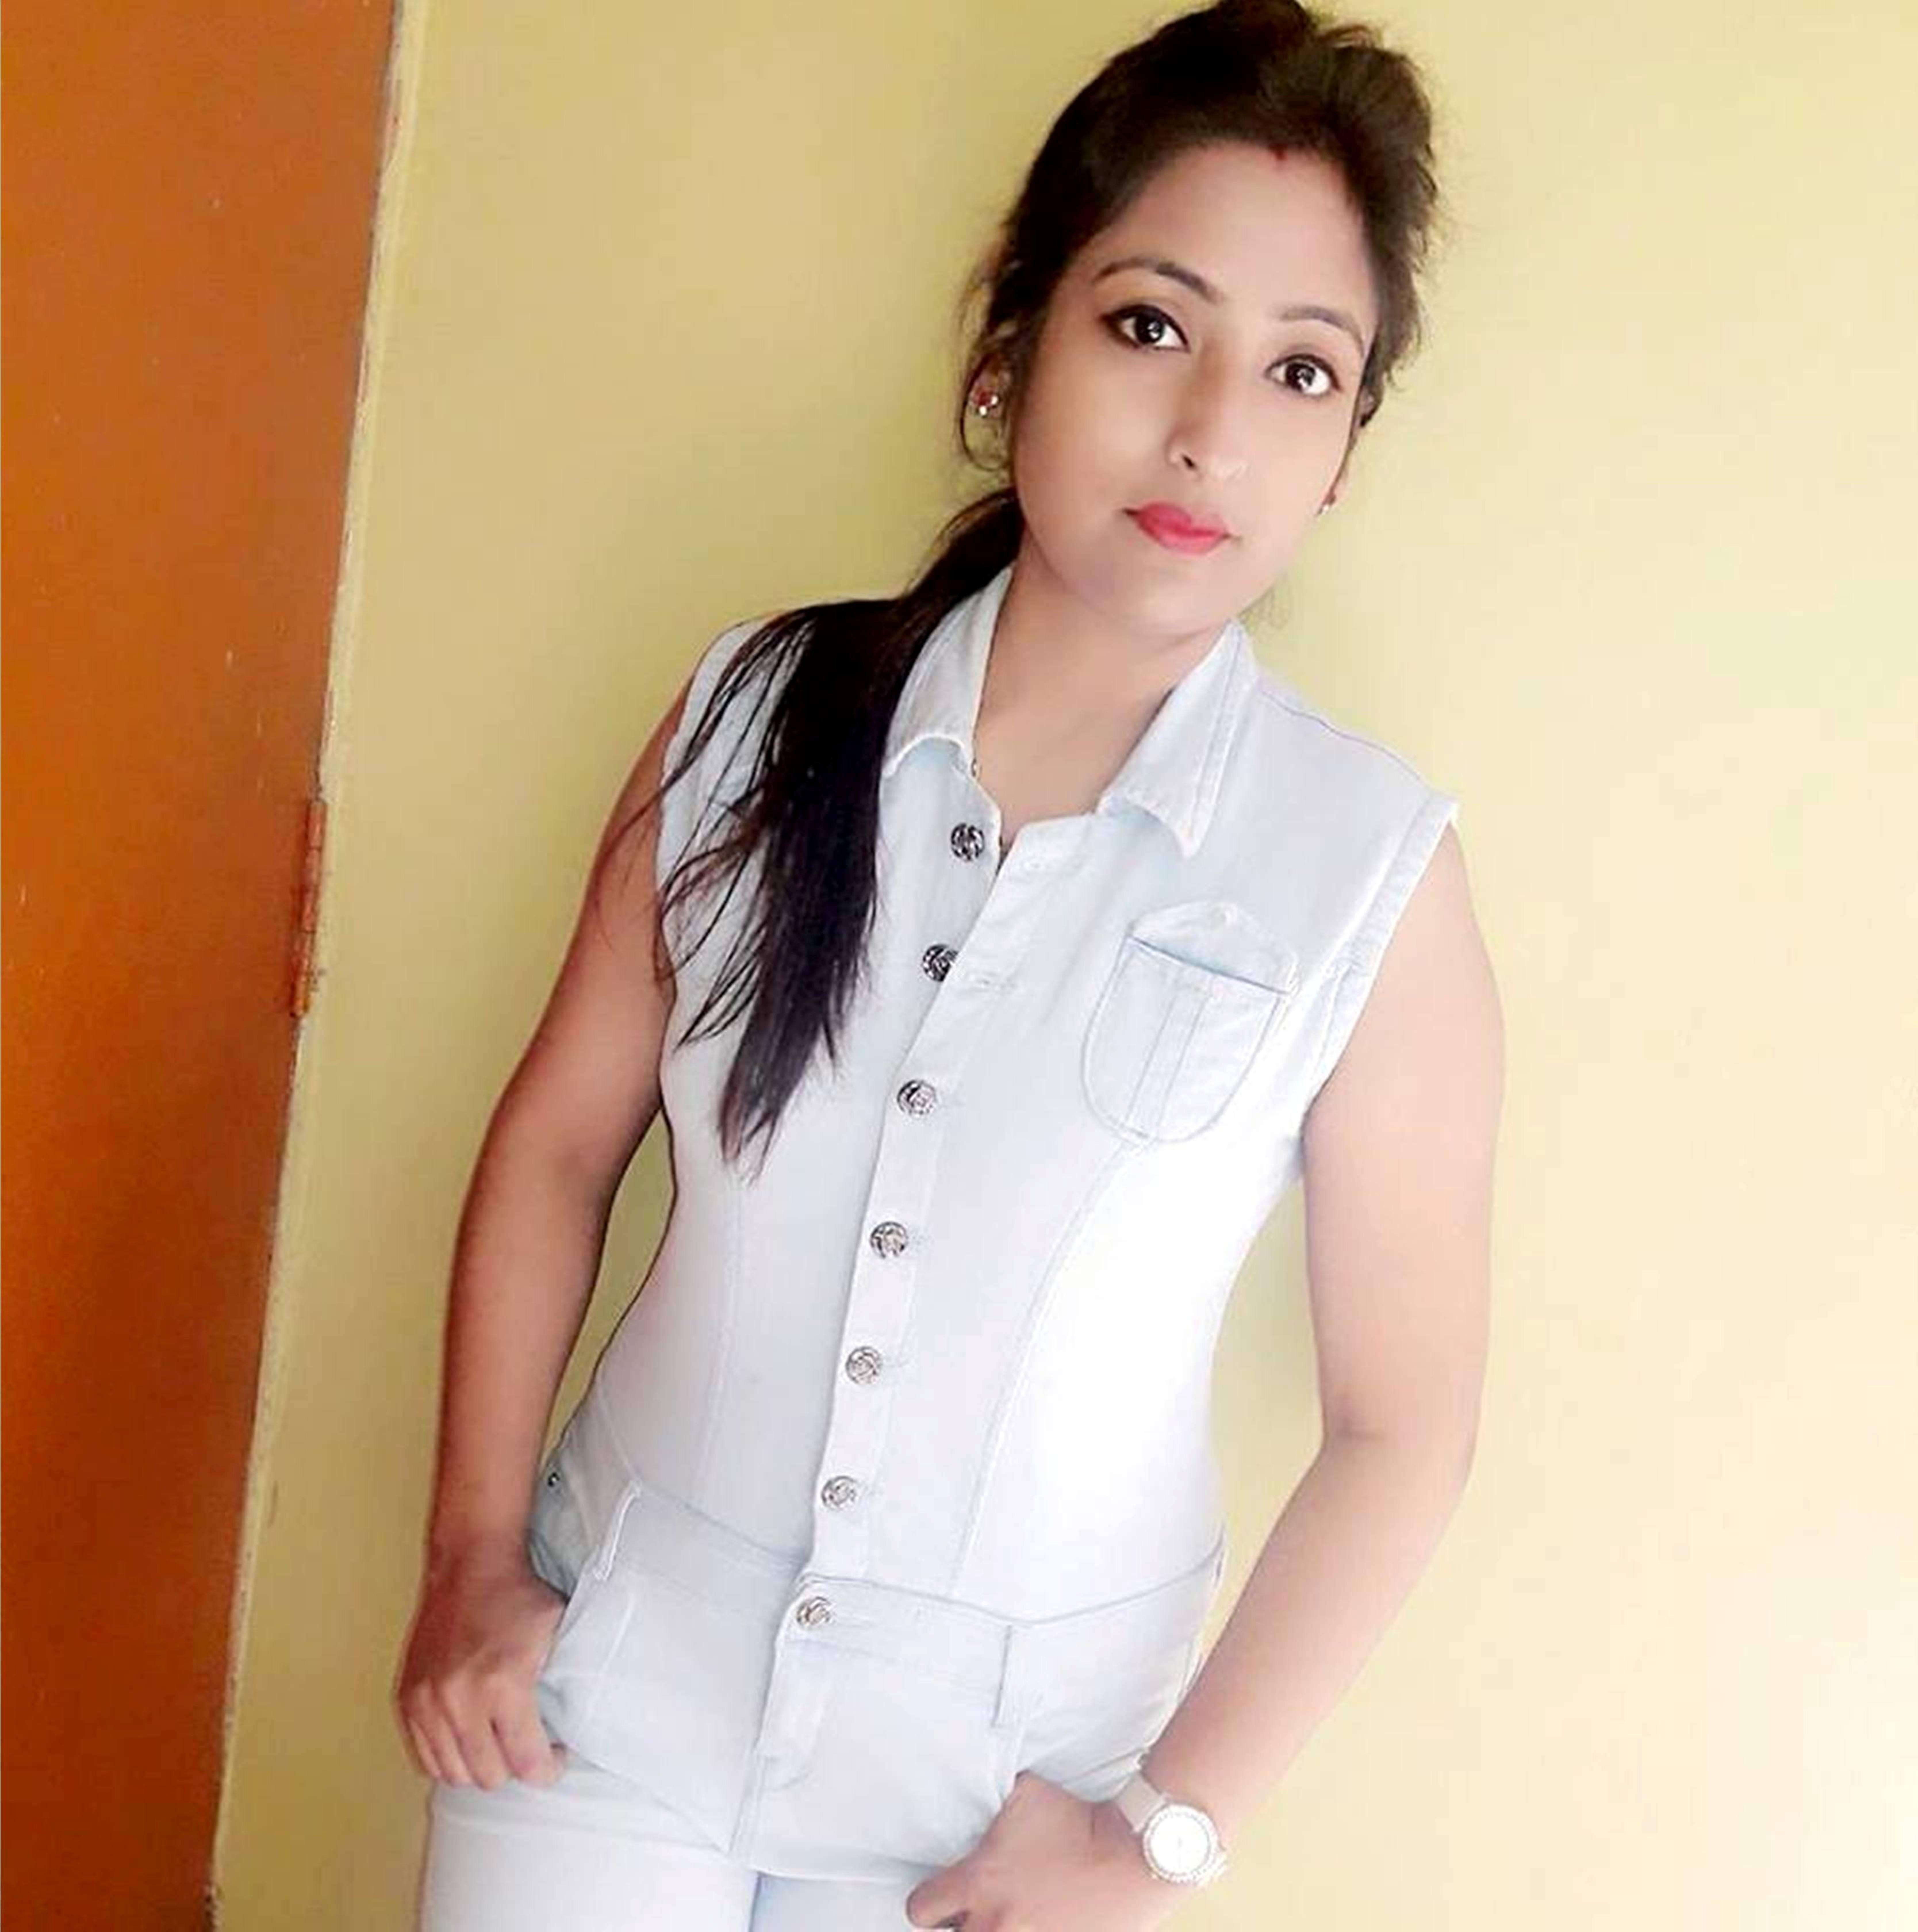 पहले जहाँ रिश्ता कैंसल हुआ बाद में वहीँ मेरी शादी हुई : स्मिता गुप्ता, मॉडल एवं टीवी एंकर (दूरदर्शन बिहार)